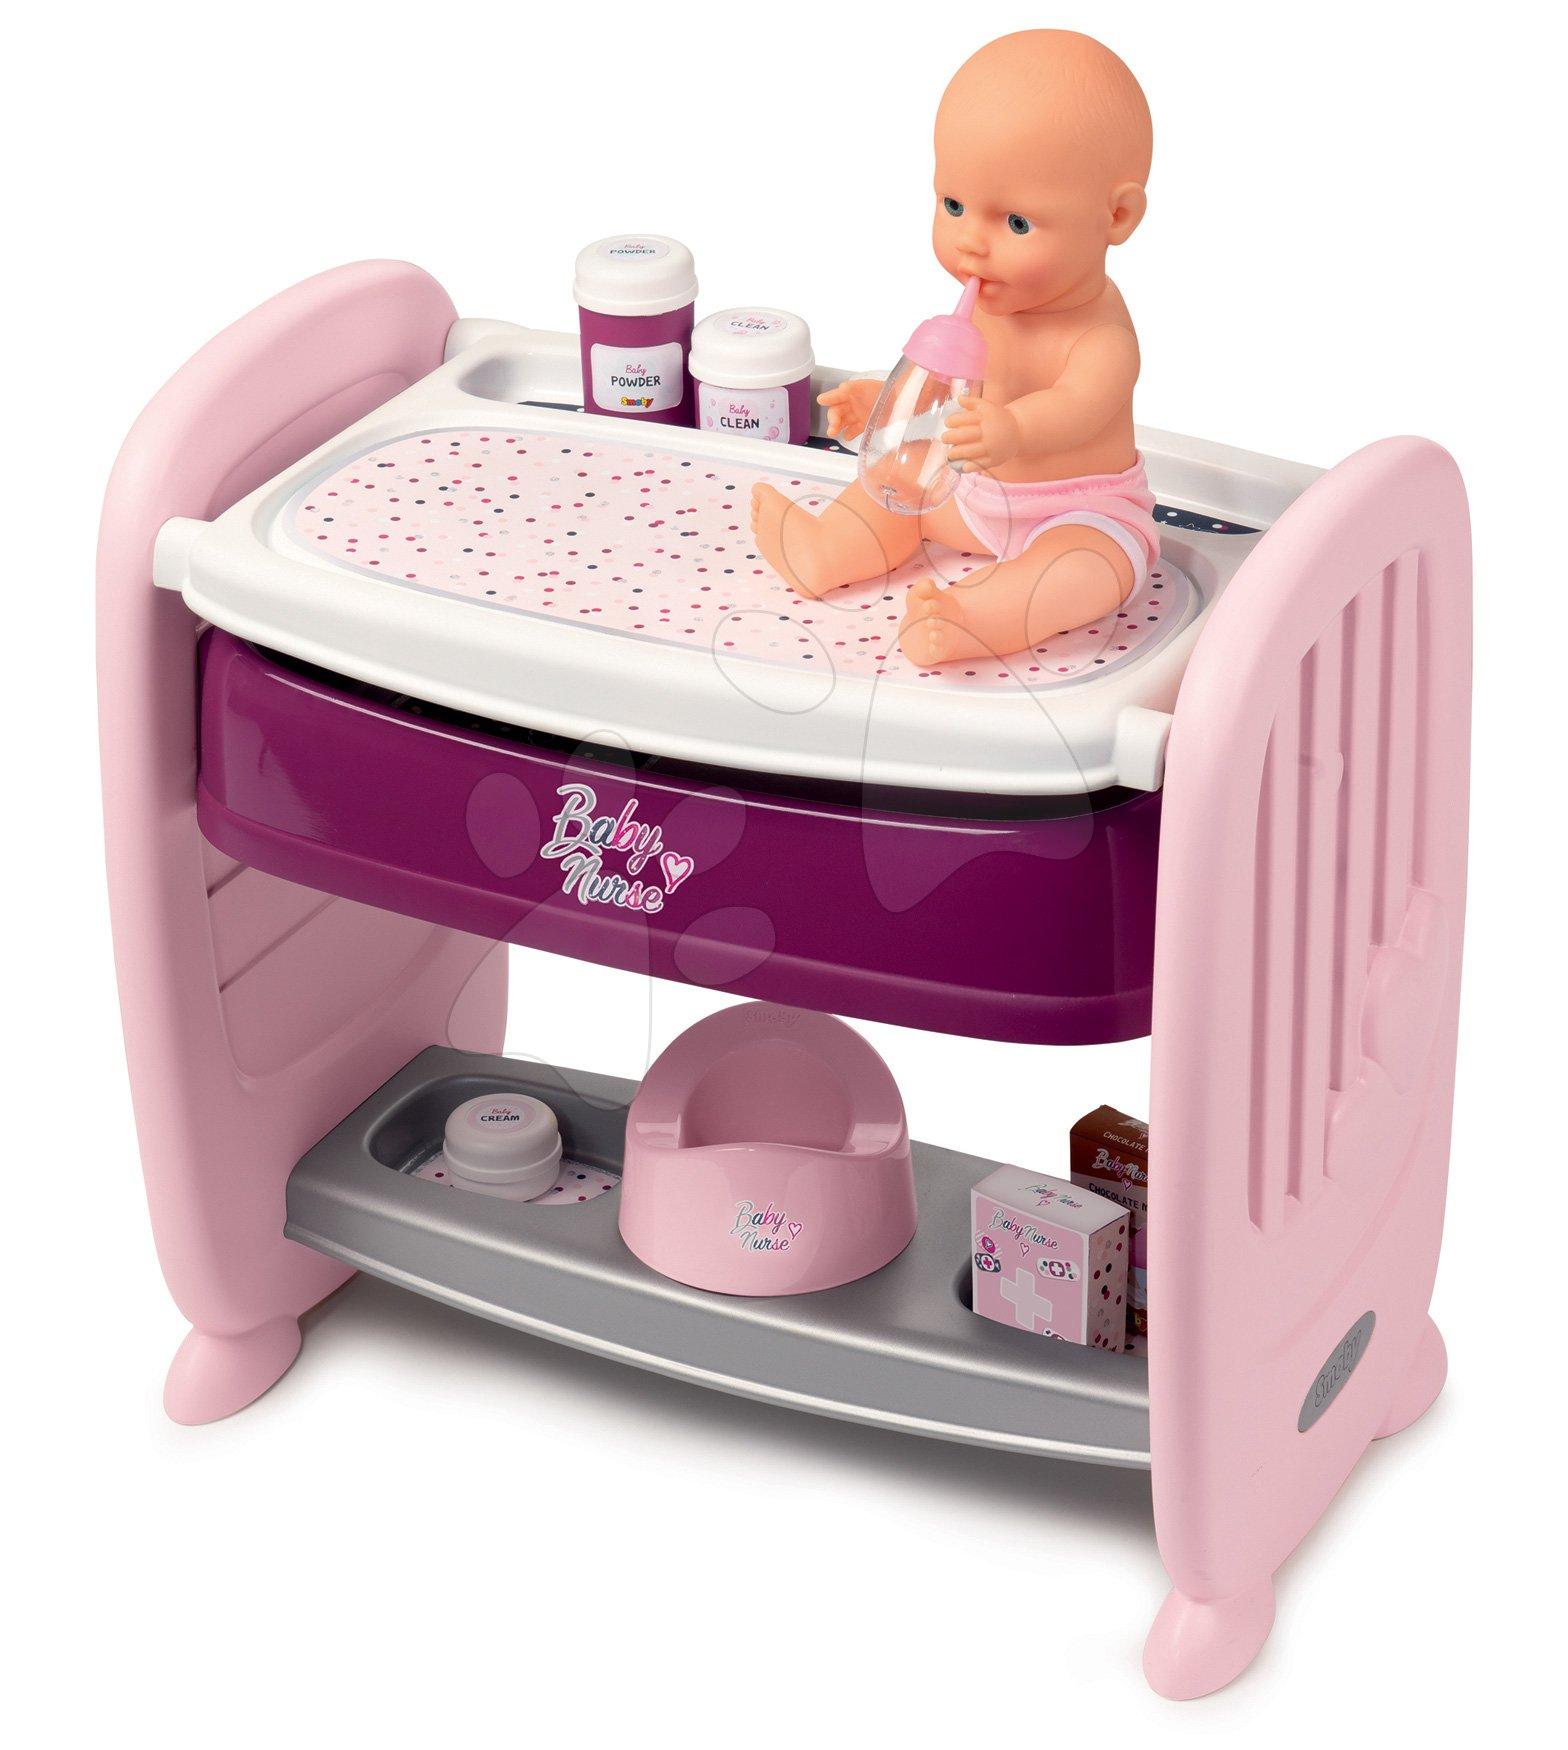 Postýlka k posteli s přebalovacím pultem Violette Baby Nurse 2v1 Smoby 3 pozice s čurající panenkou a 8 doplňky od 24 měsíců